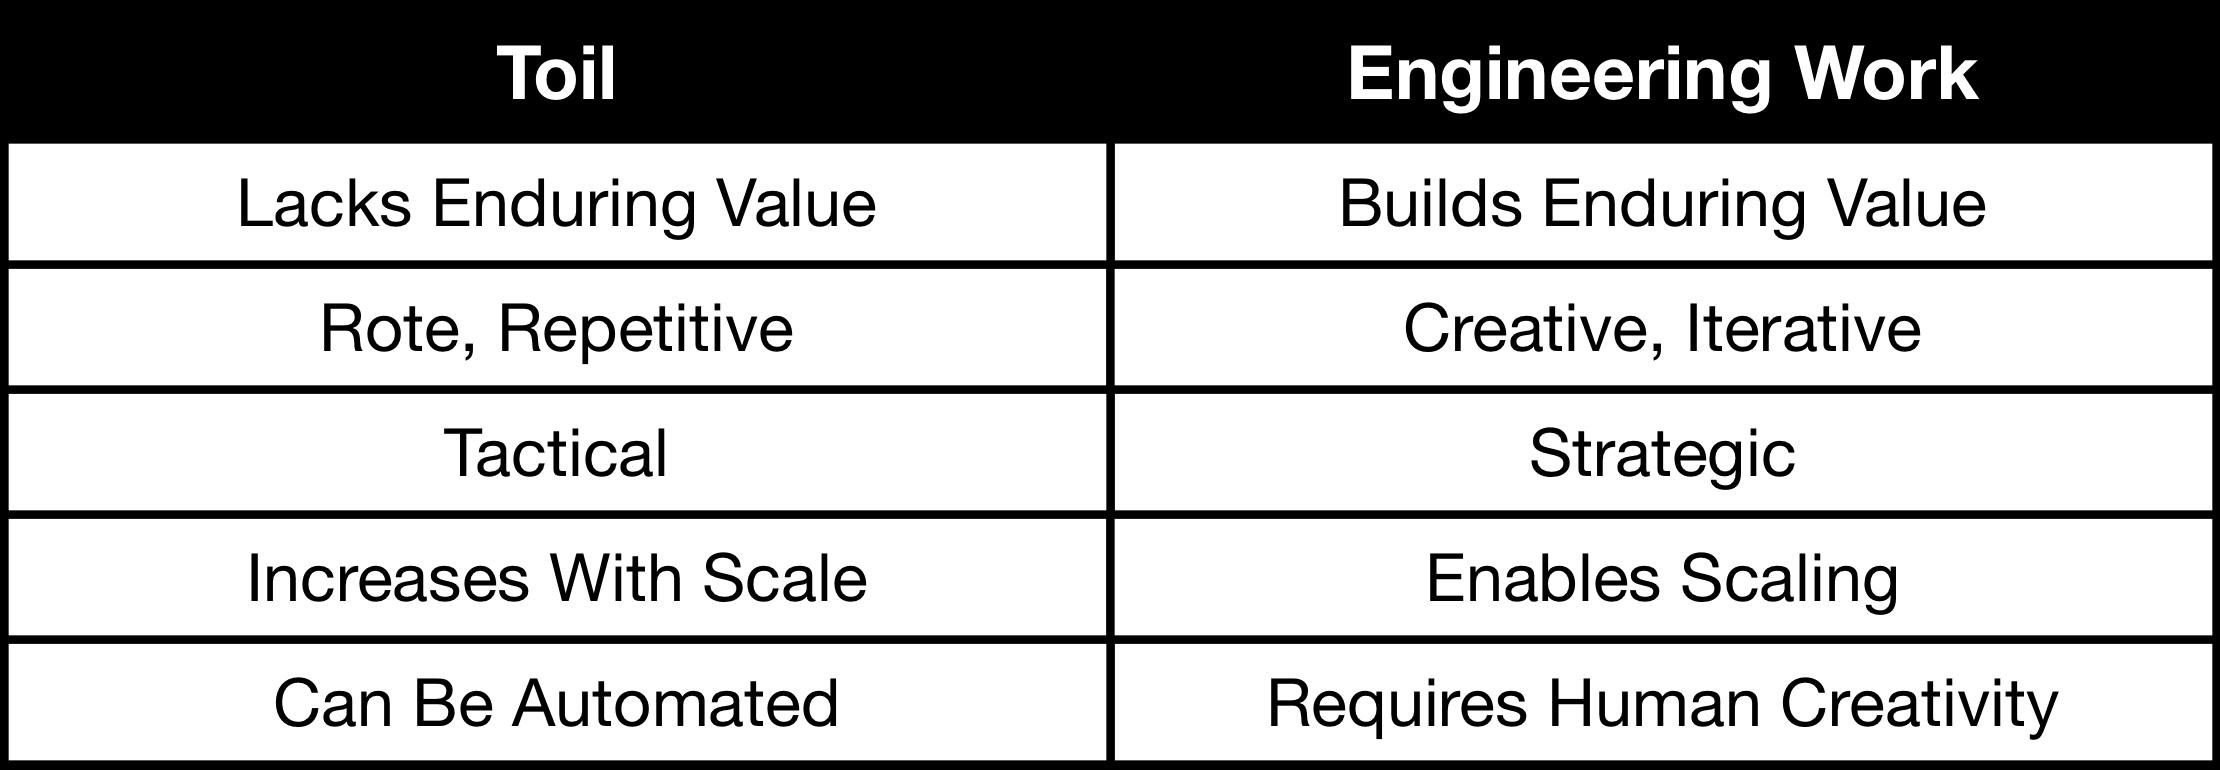 Copy of Fig 1 - Toil vs Engineering Work